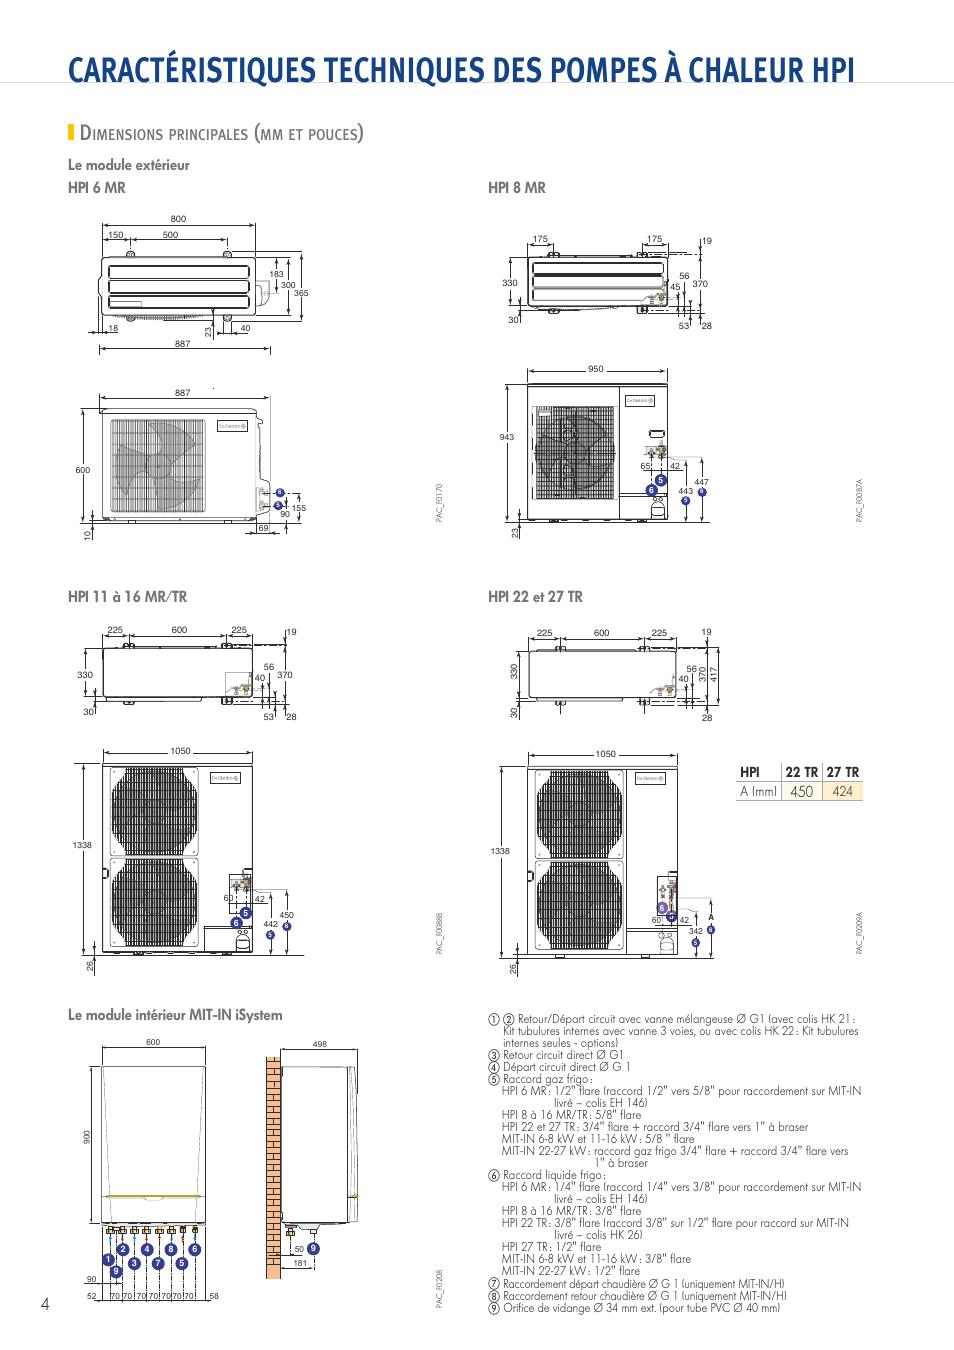 dimensions principales imensions principales de. Black Bedroom Furniture Sets. Home Design Ideas